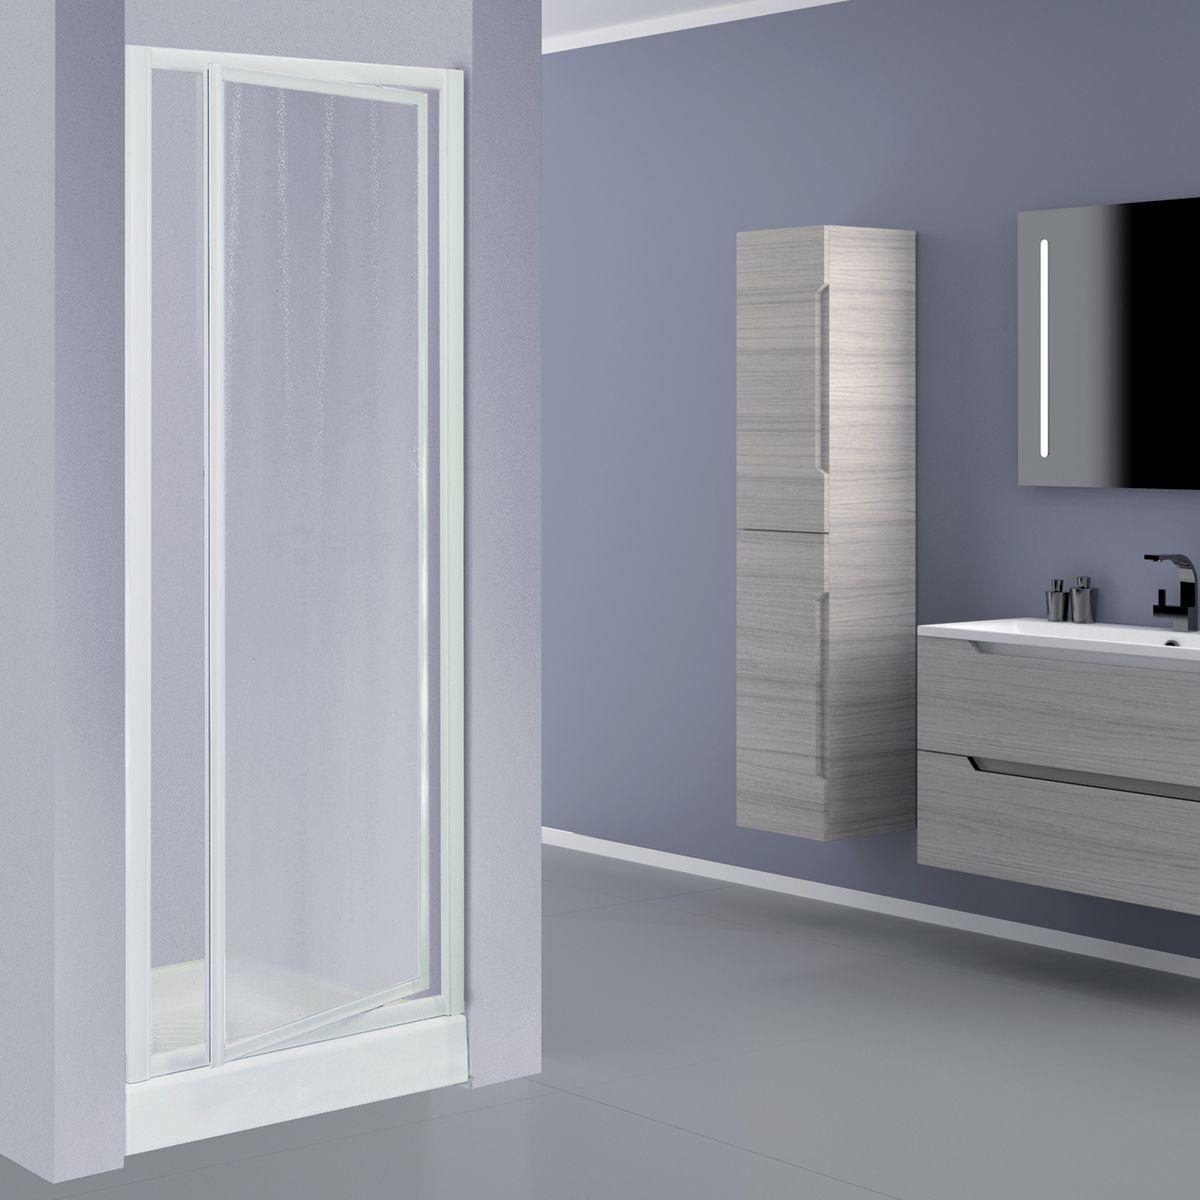 Docce da bagno vasca con doccia with docce da bagno - Cabine doccia in muratura ...